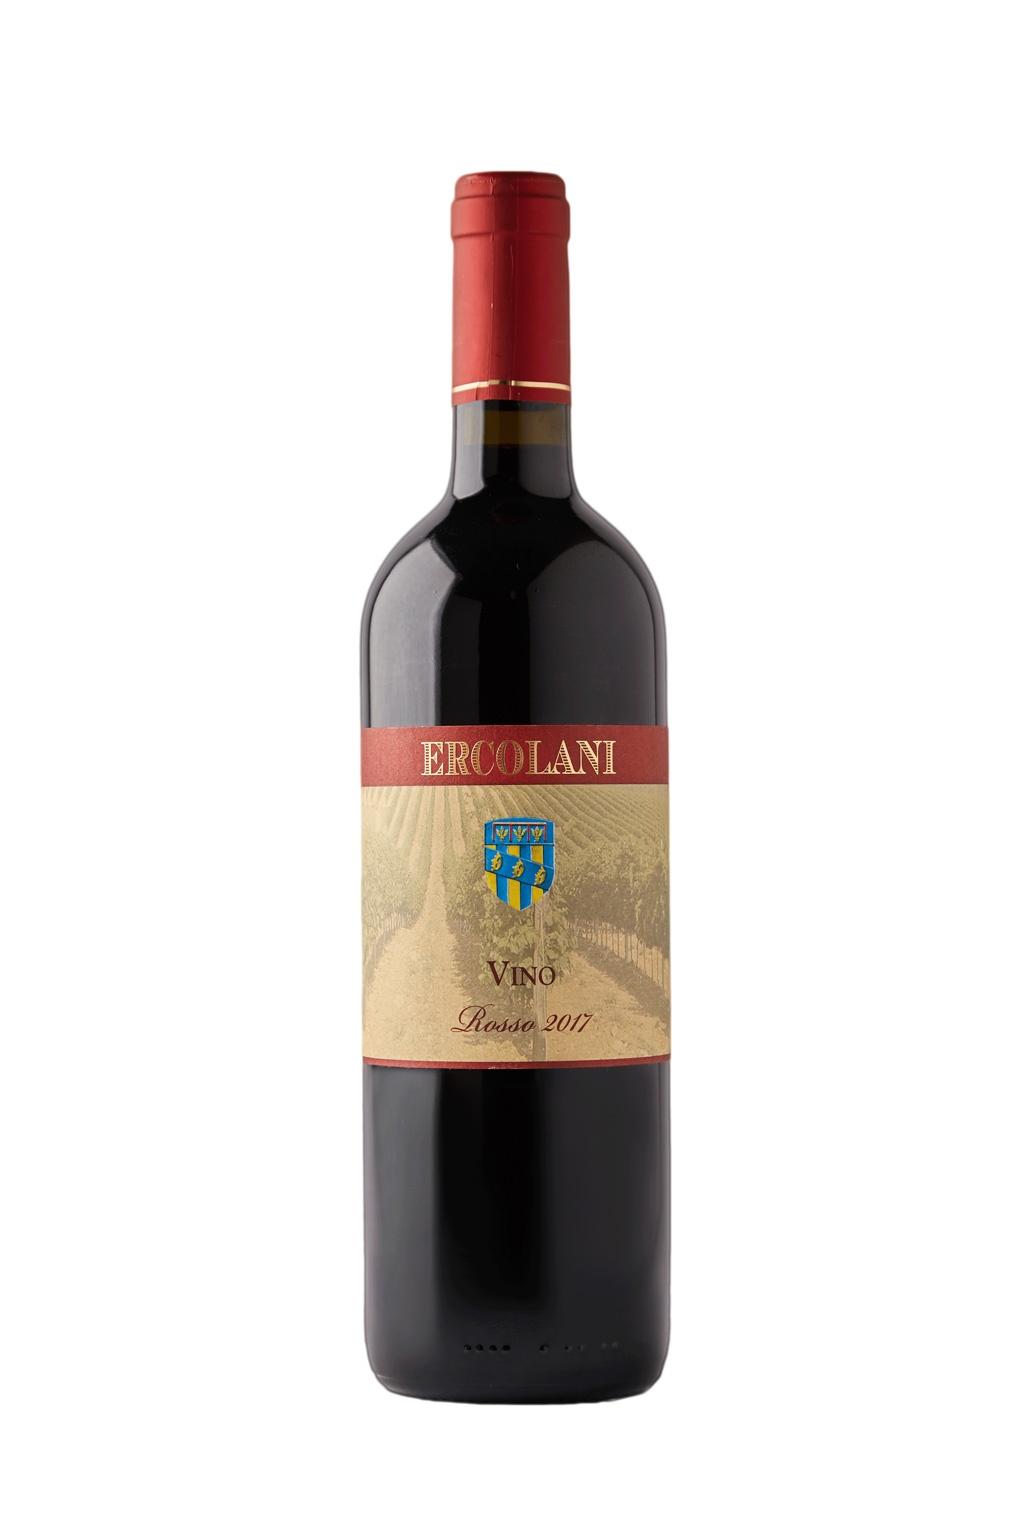 Vino rosso i.g.t Ercolani 2016